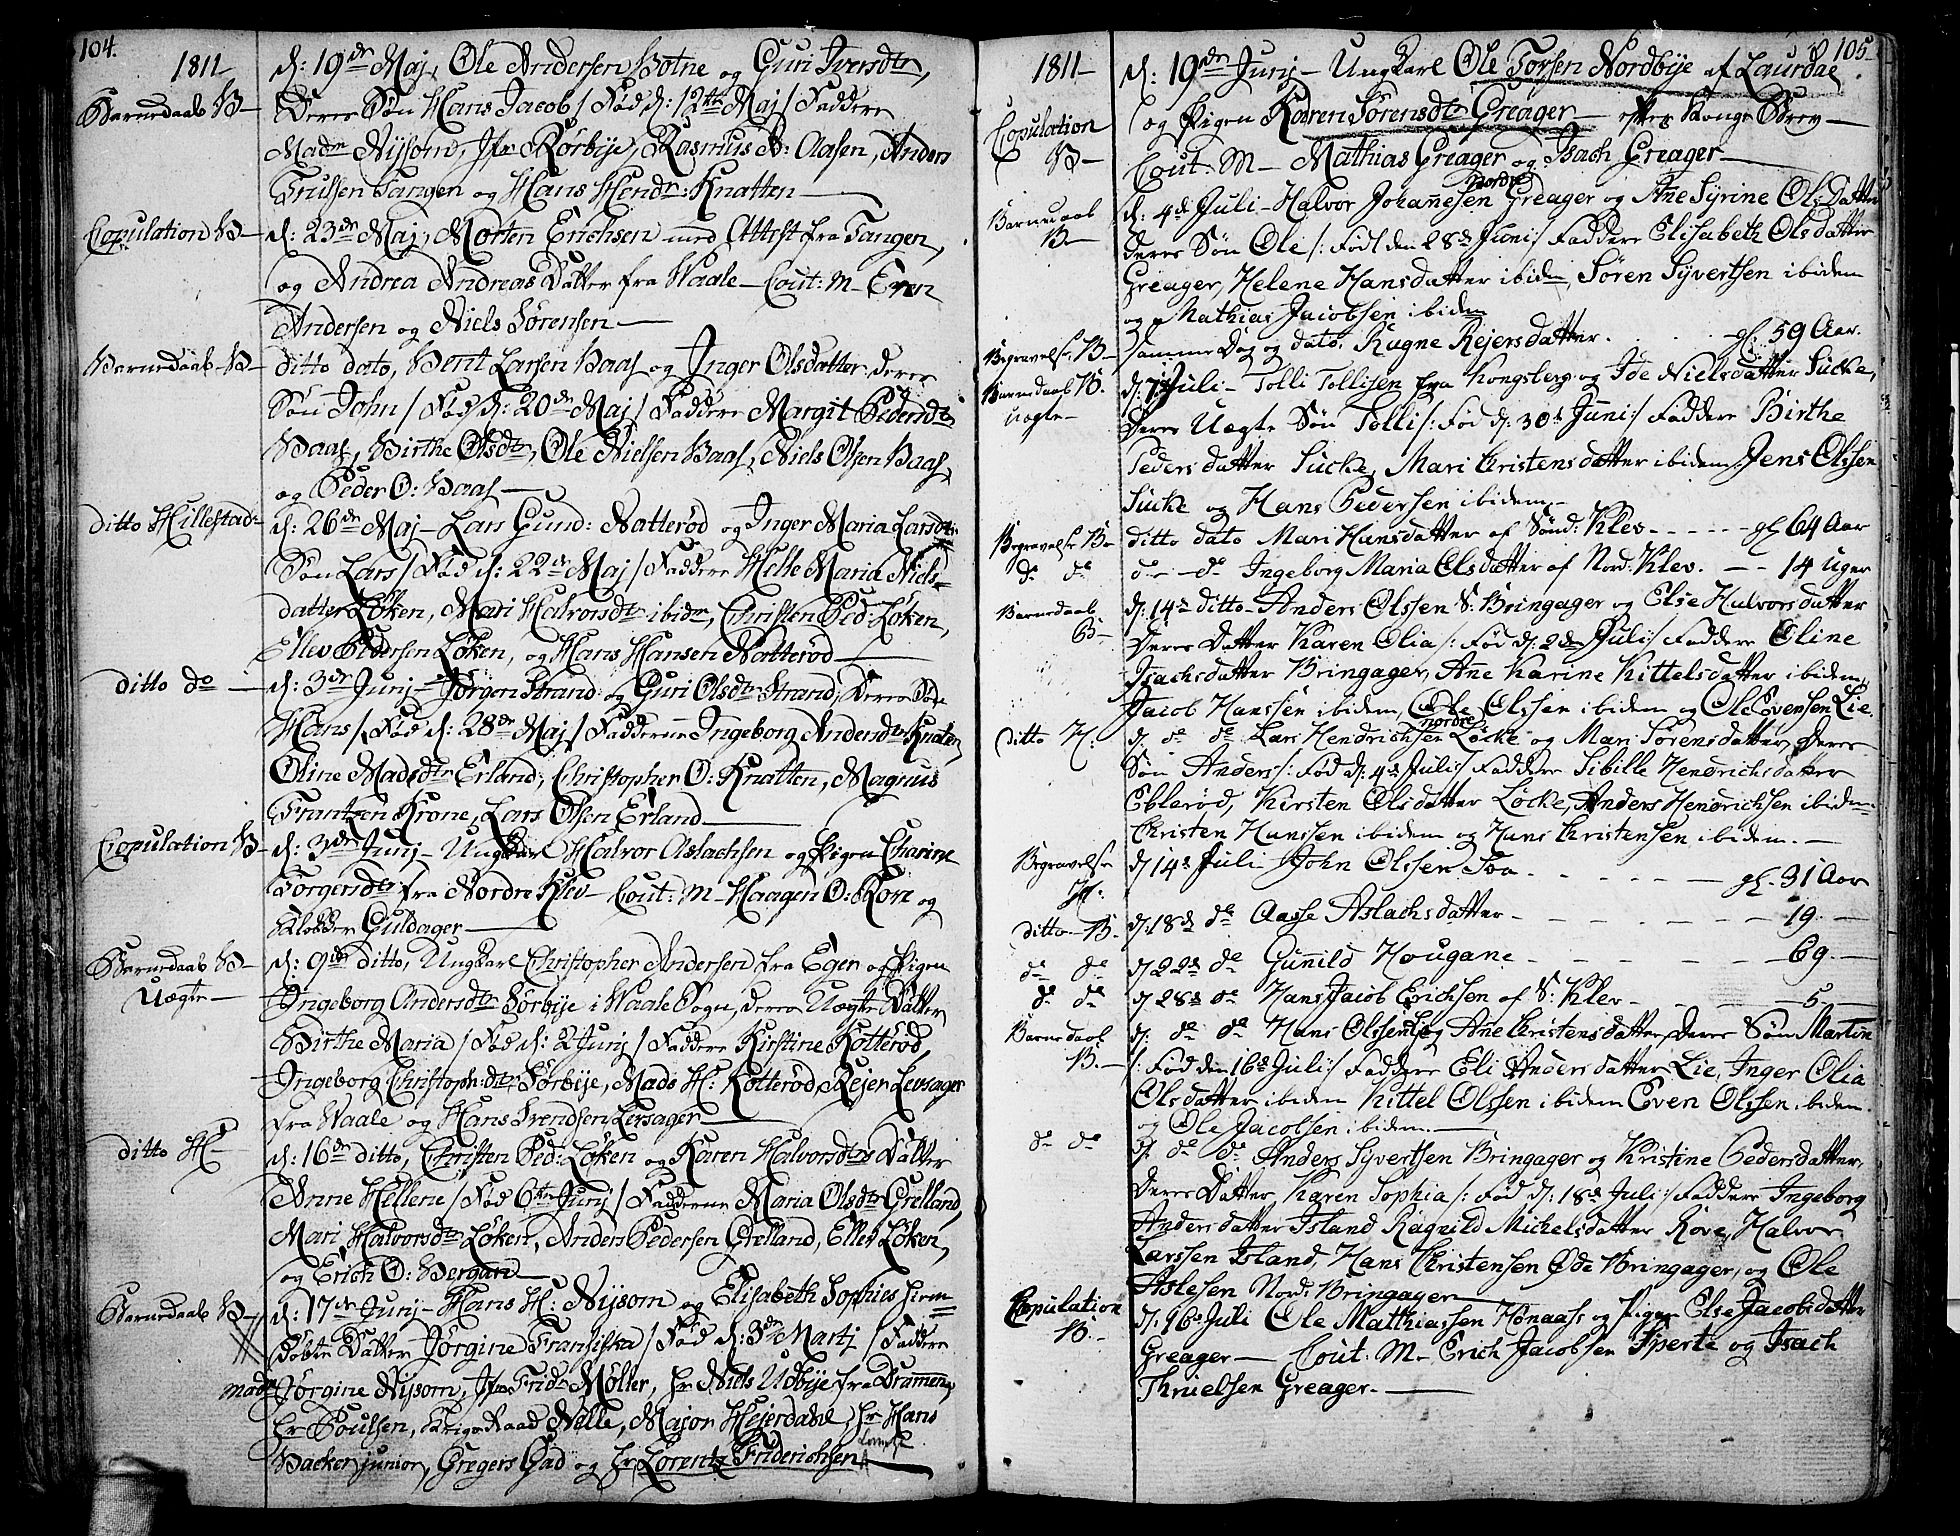 SAKO, Botne kirkebøker, F/Fa/L0003: Ministerialbok nr. I 3 /1, 1792-1844, s. 104-105